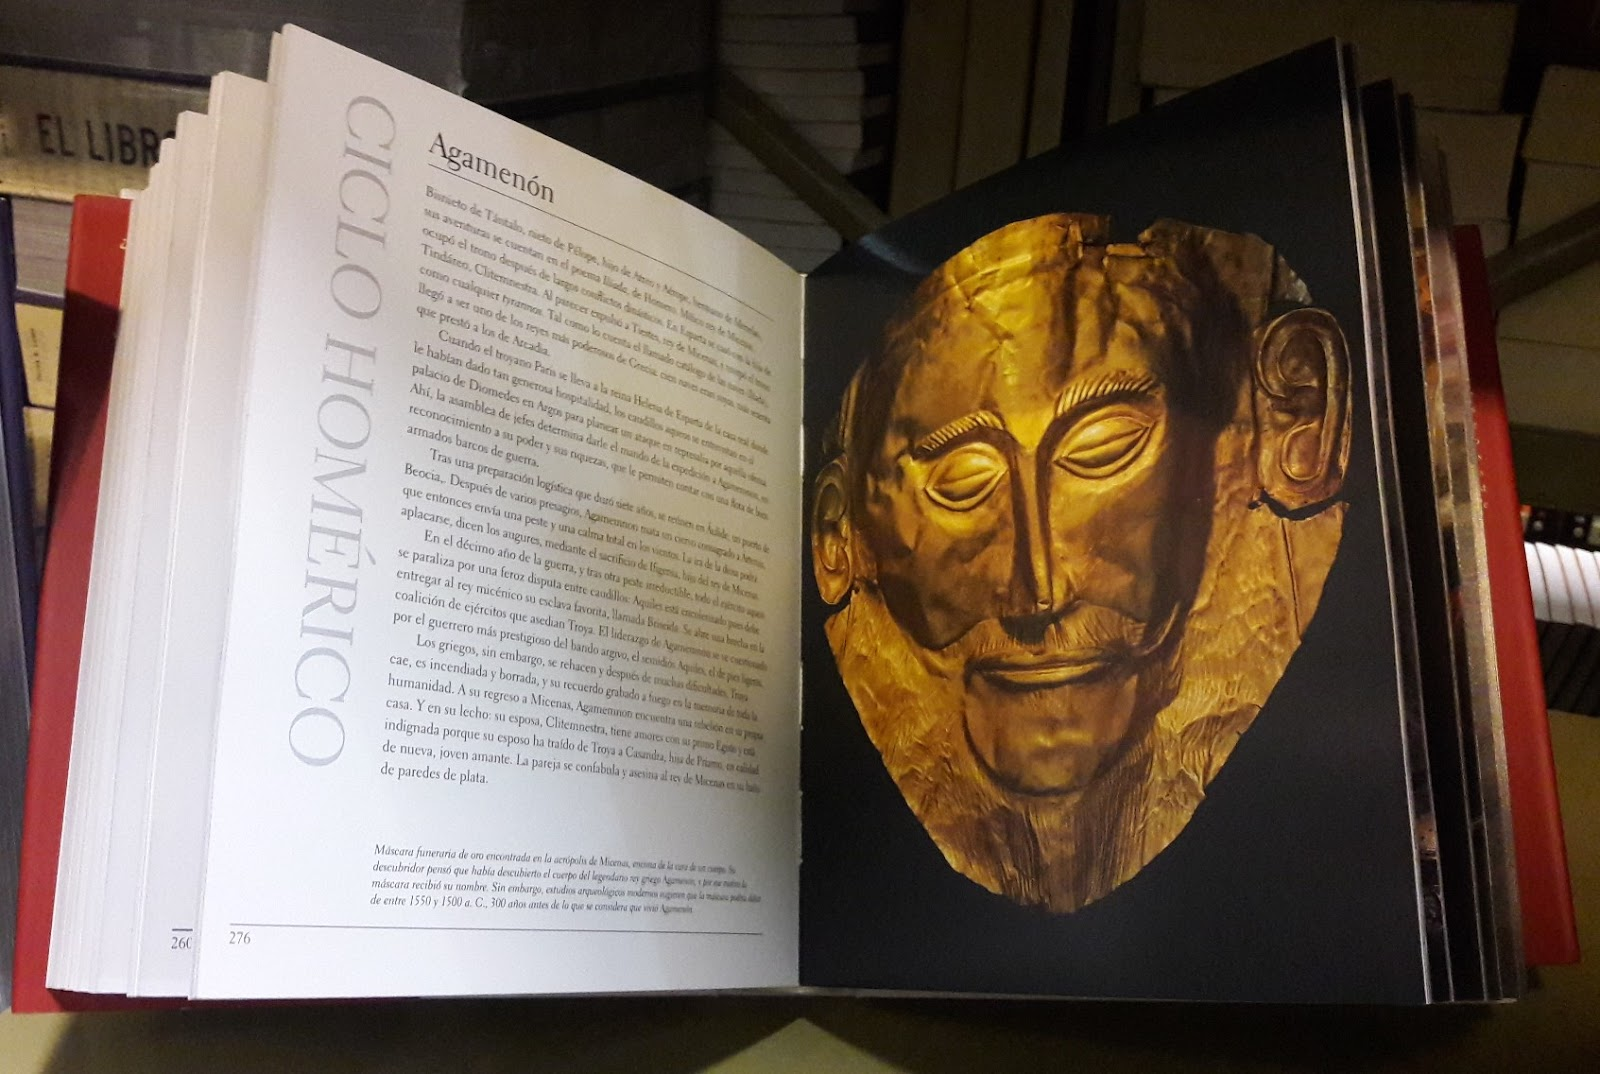 El libro de la mitología clásica 1